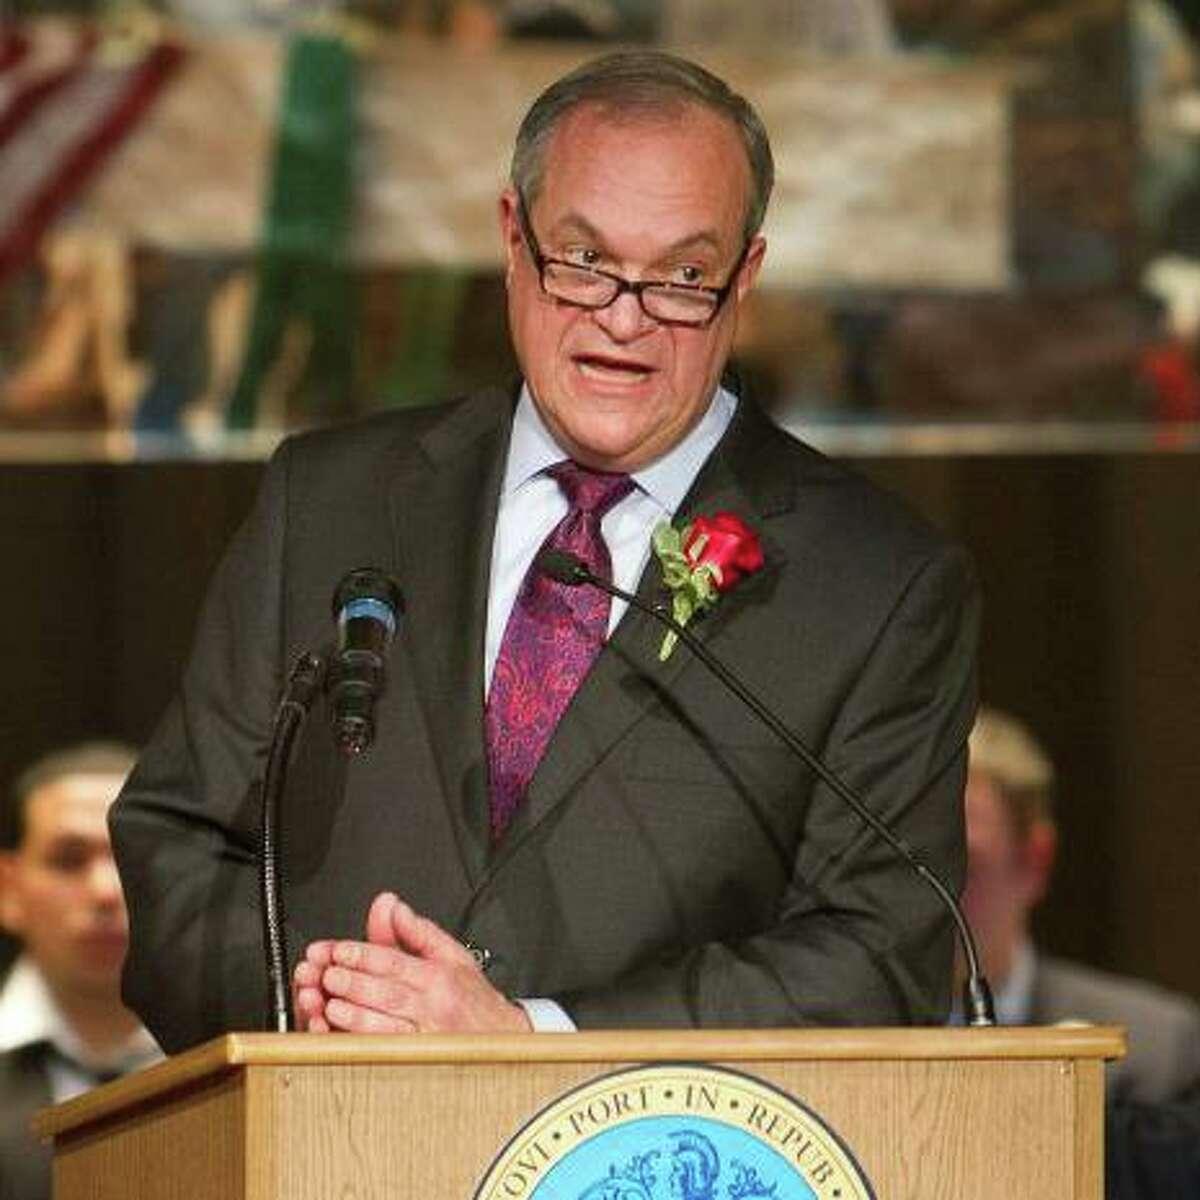 MayorJohn Destefano